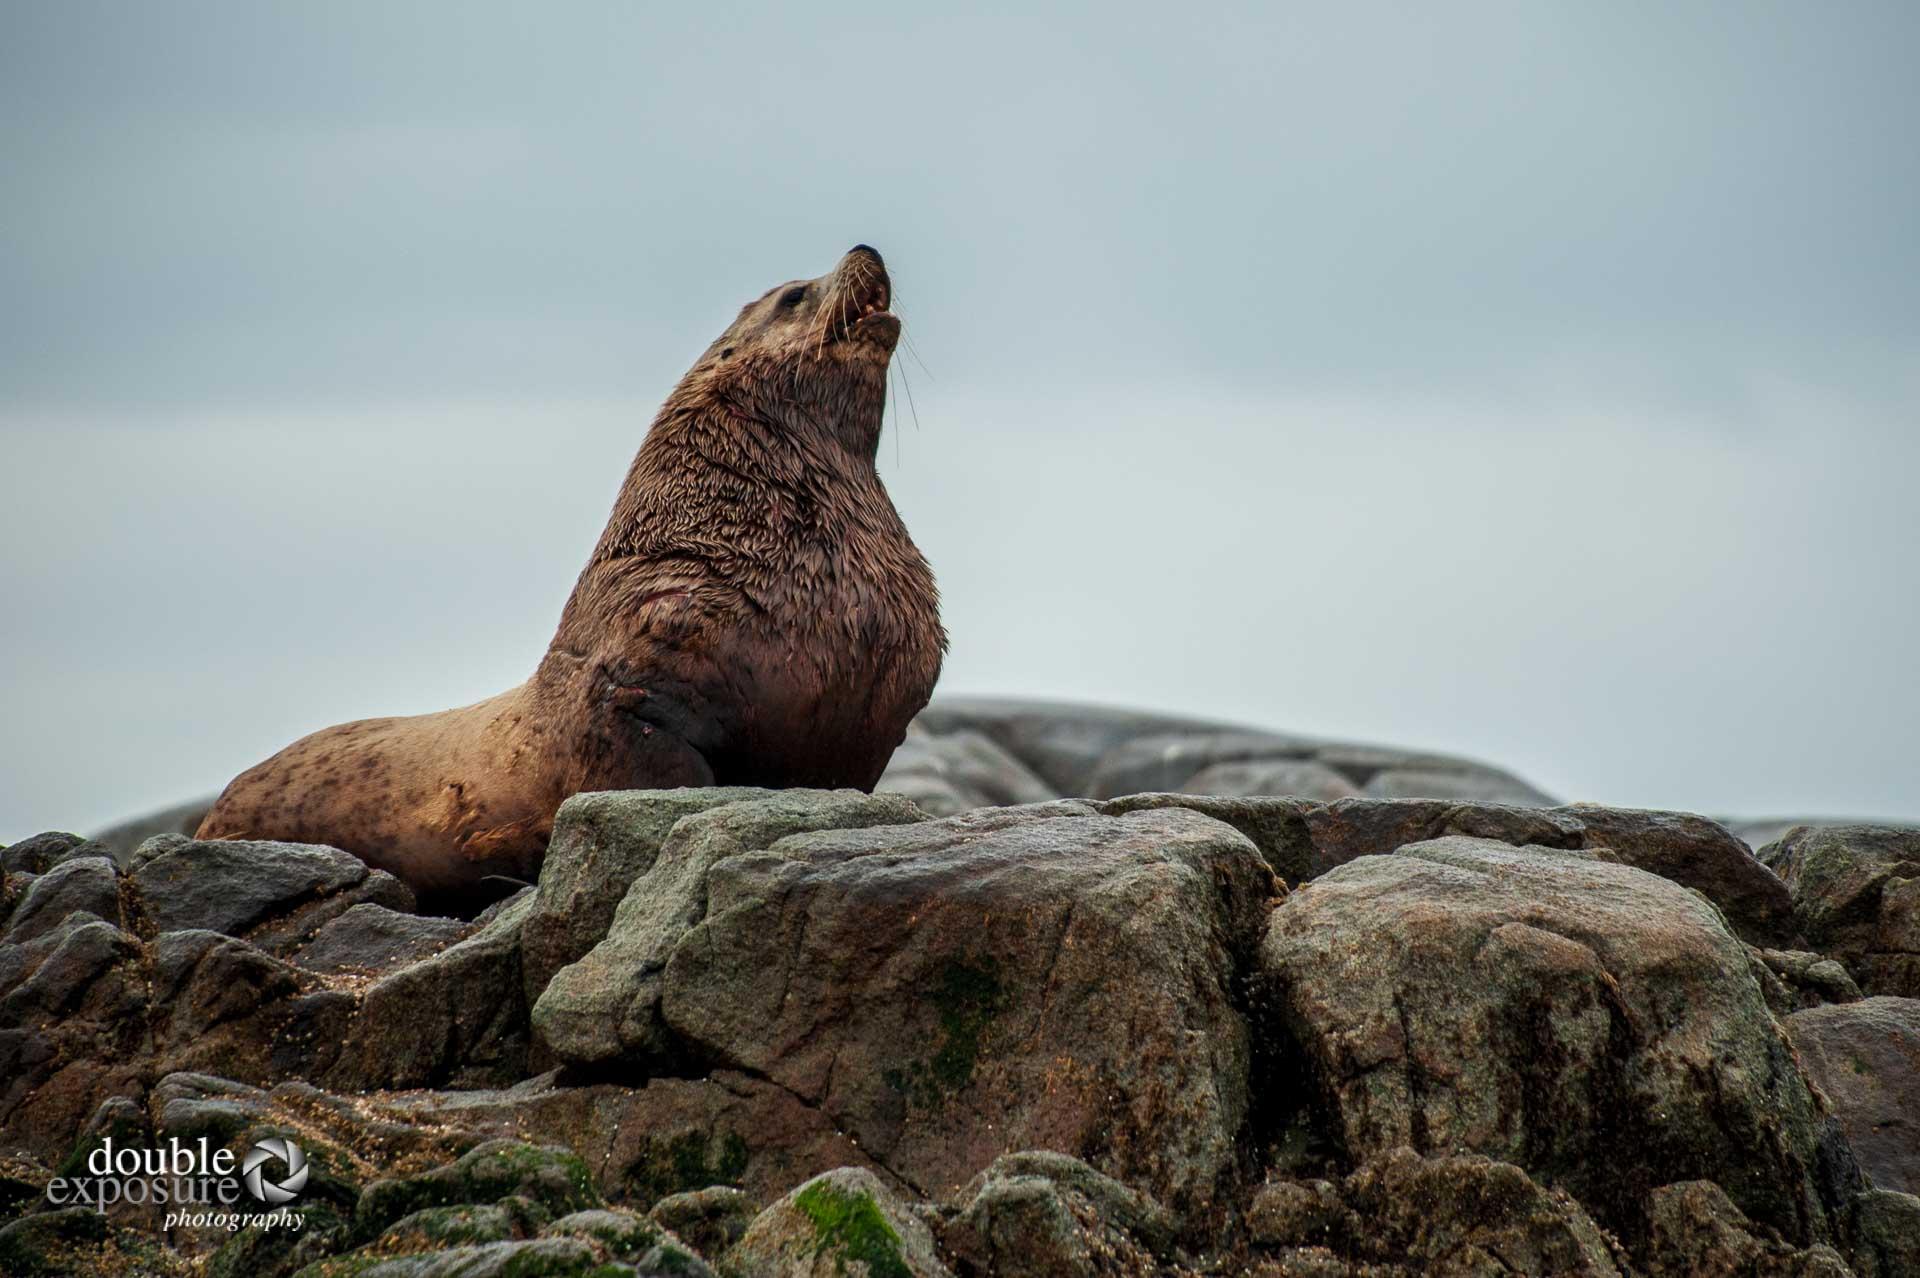 Sea Lion roaring on rocks